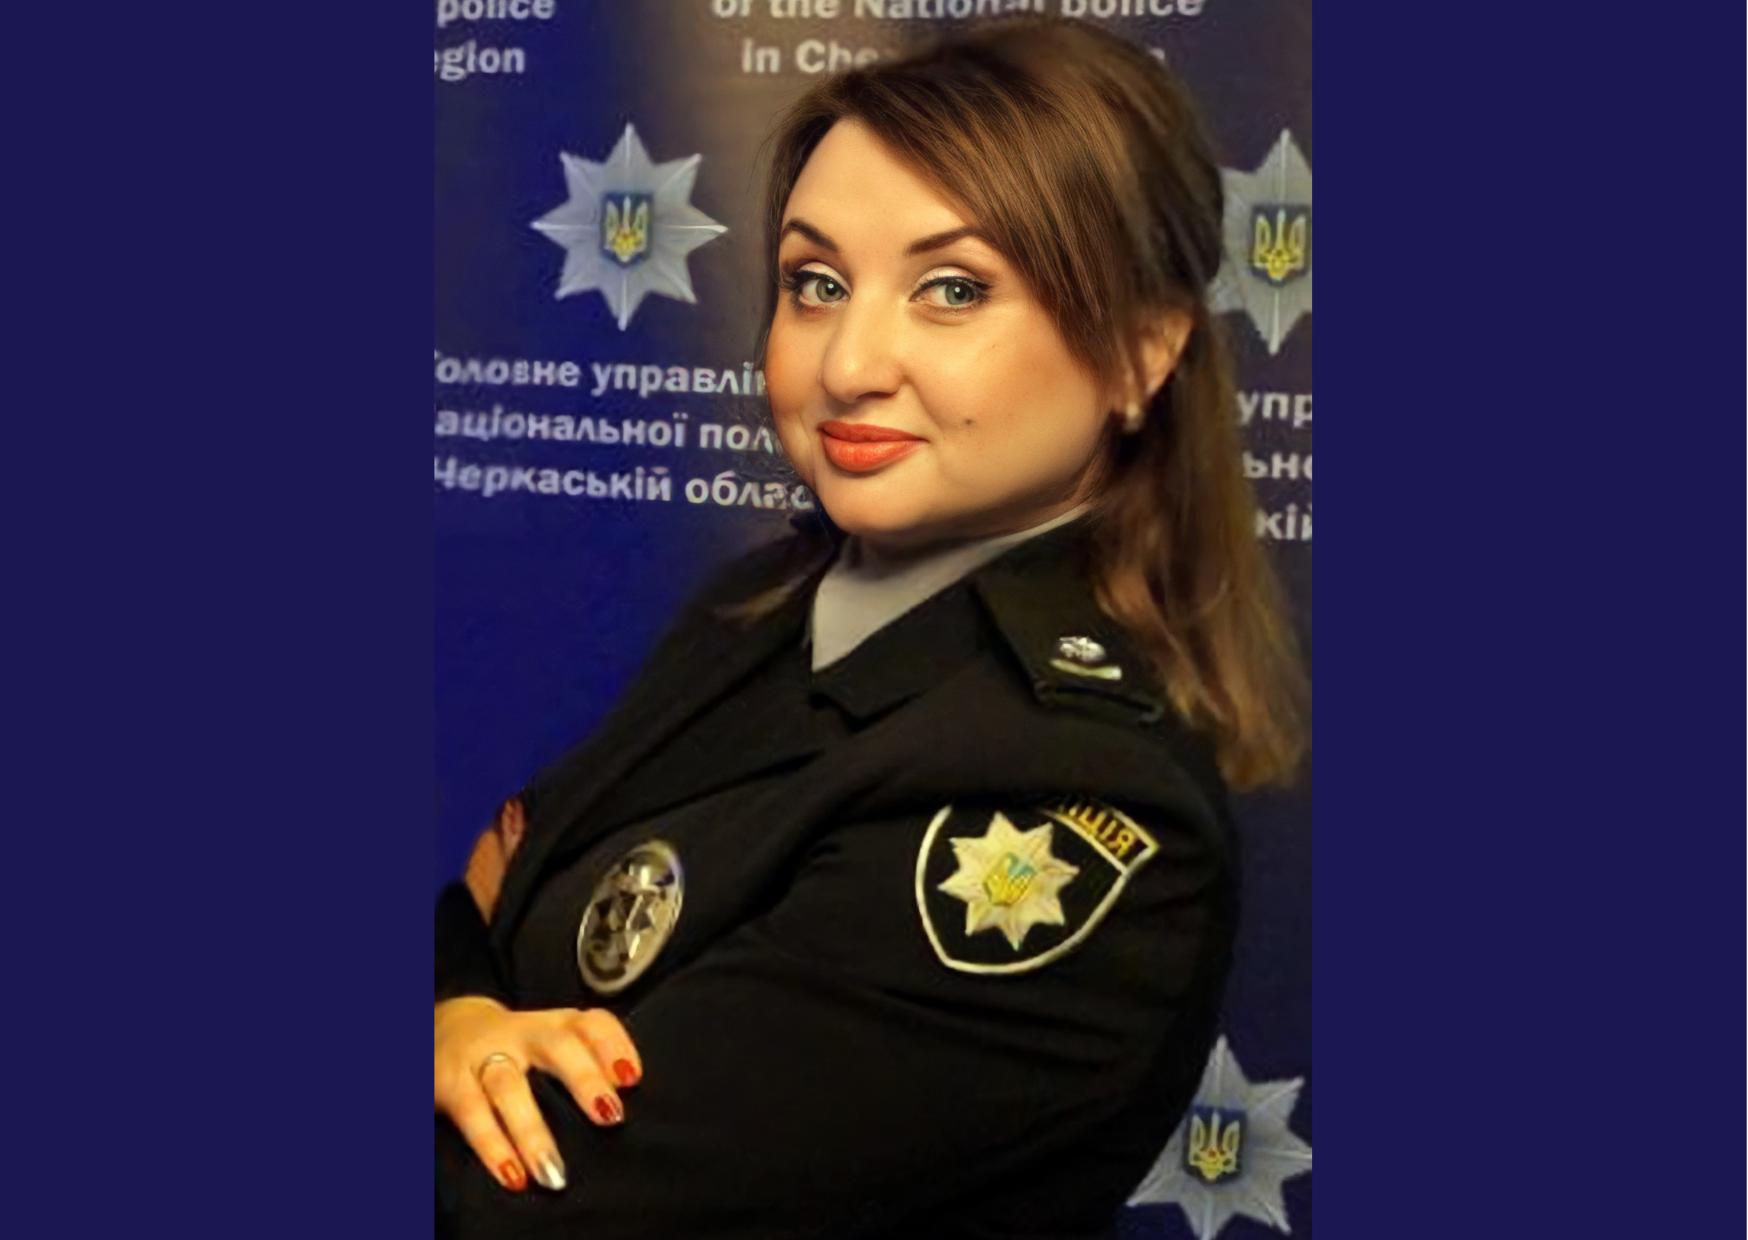 Наталія Гавриш: «Психолог – це людина, яка вислухає і підкаже правильний напрям»